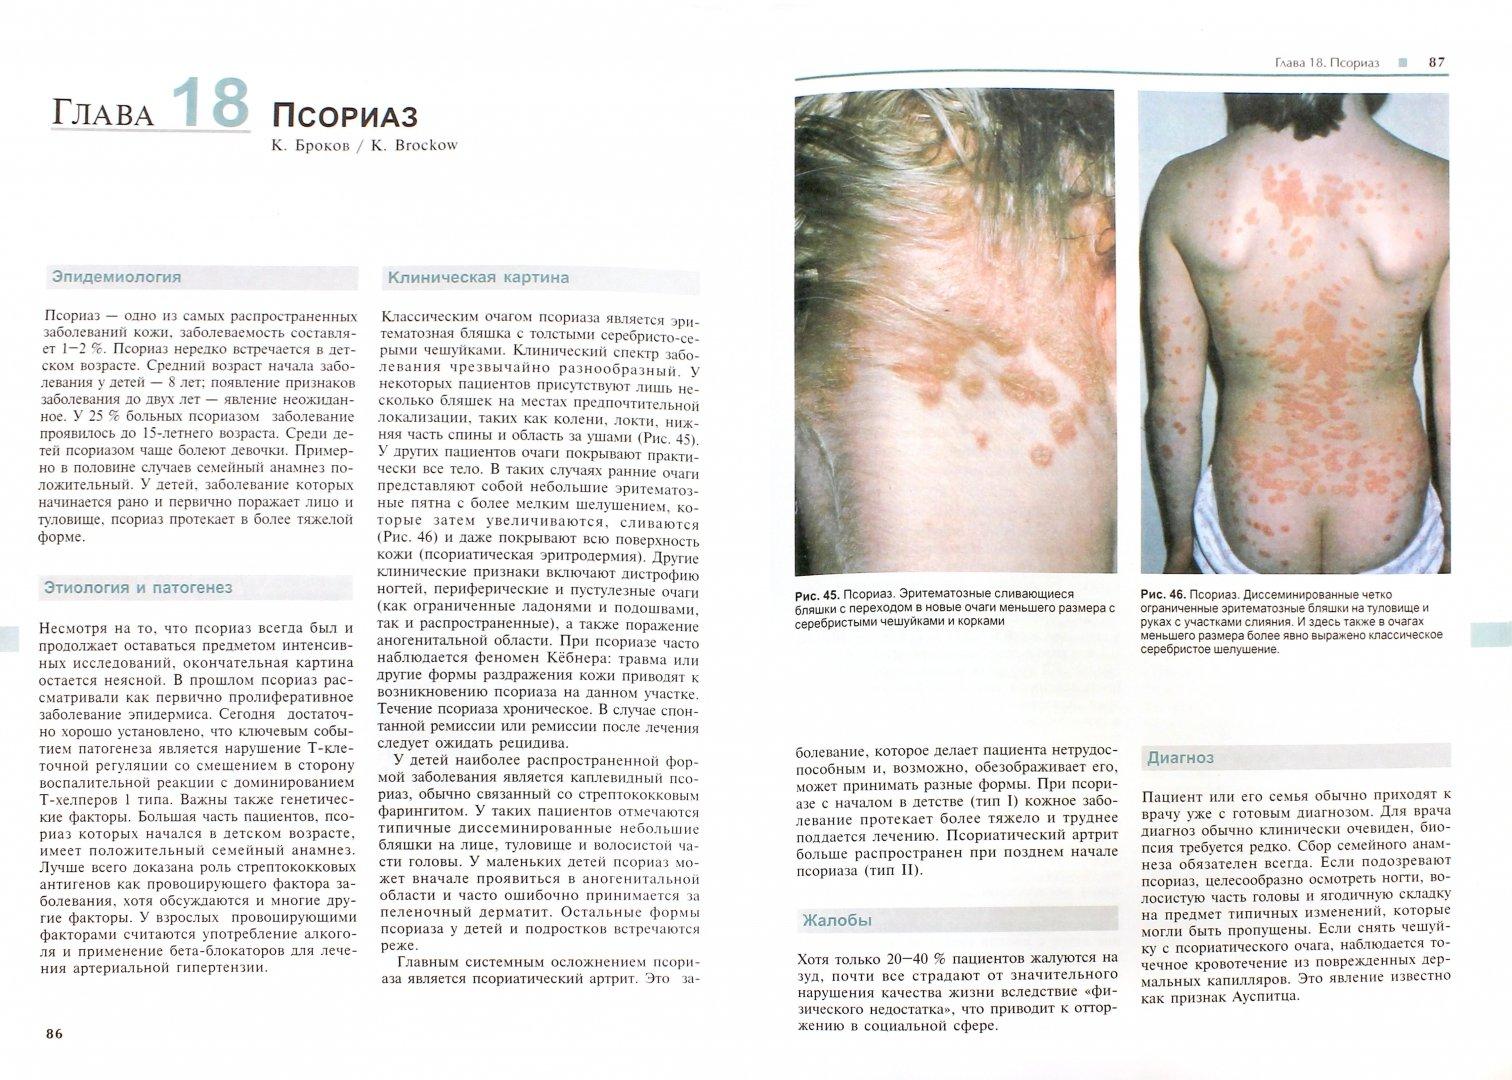 Иллюстрация 1 из 11 для Болезни кожи у детей. Диагностика и лечение - Абек, Бургдорф, Кремер | Лабиринт - книги. Источник: Лабиринт